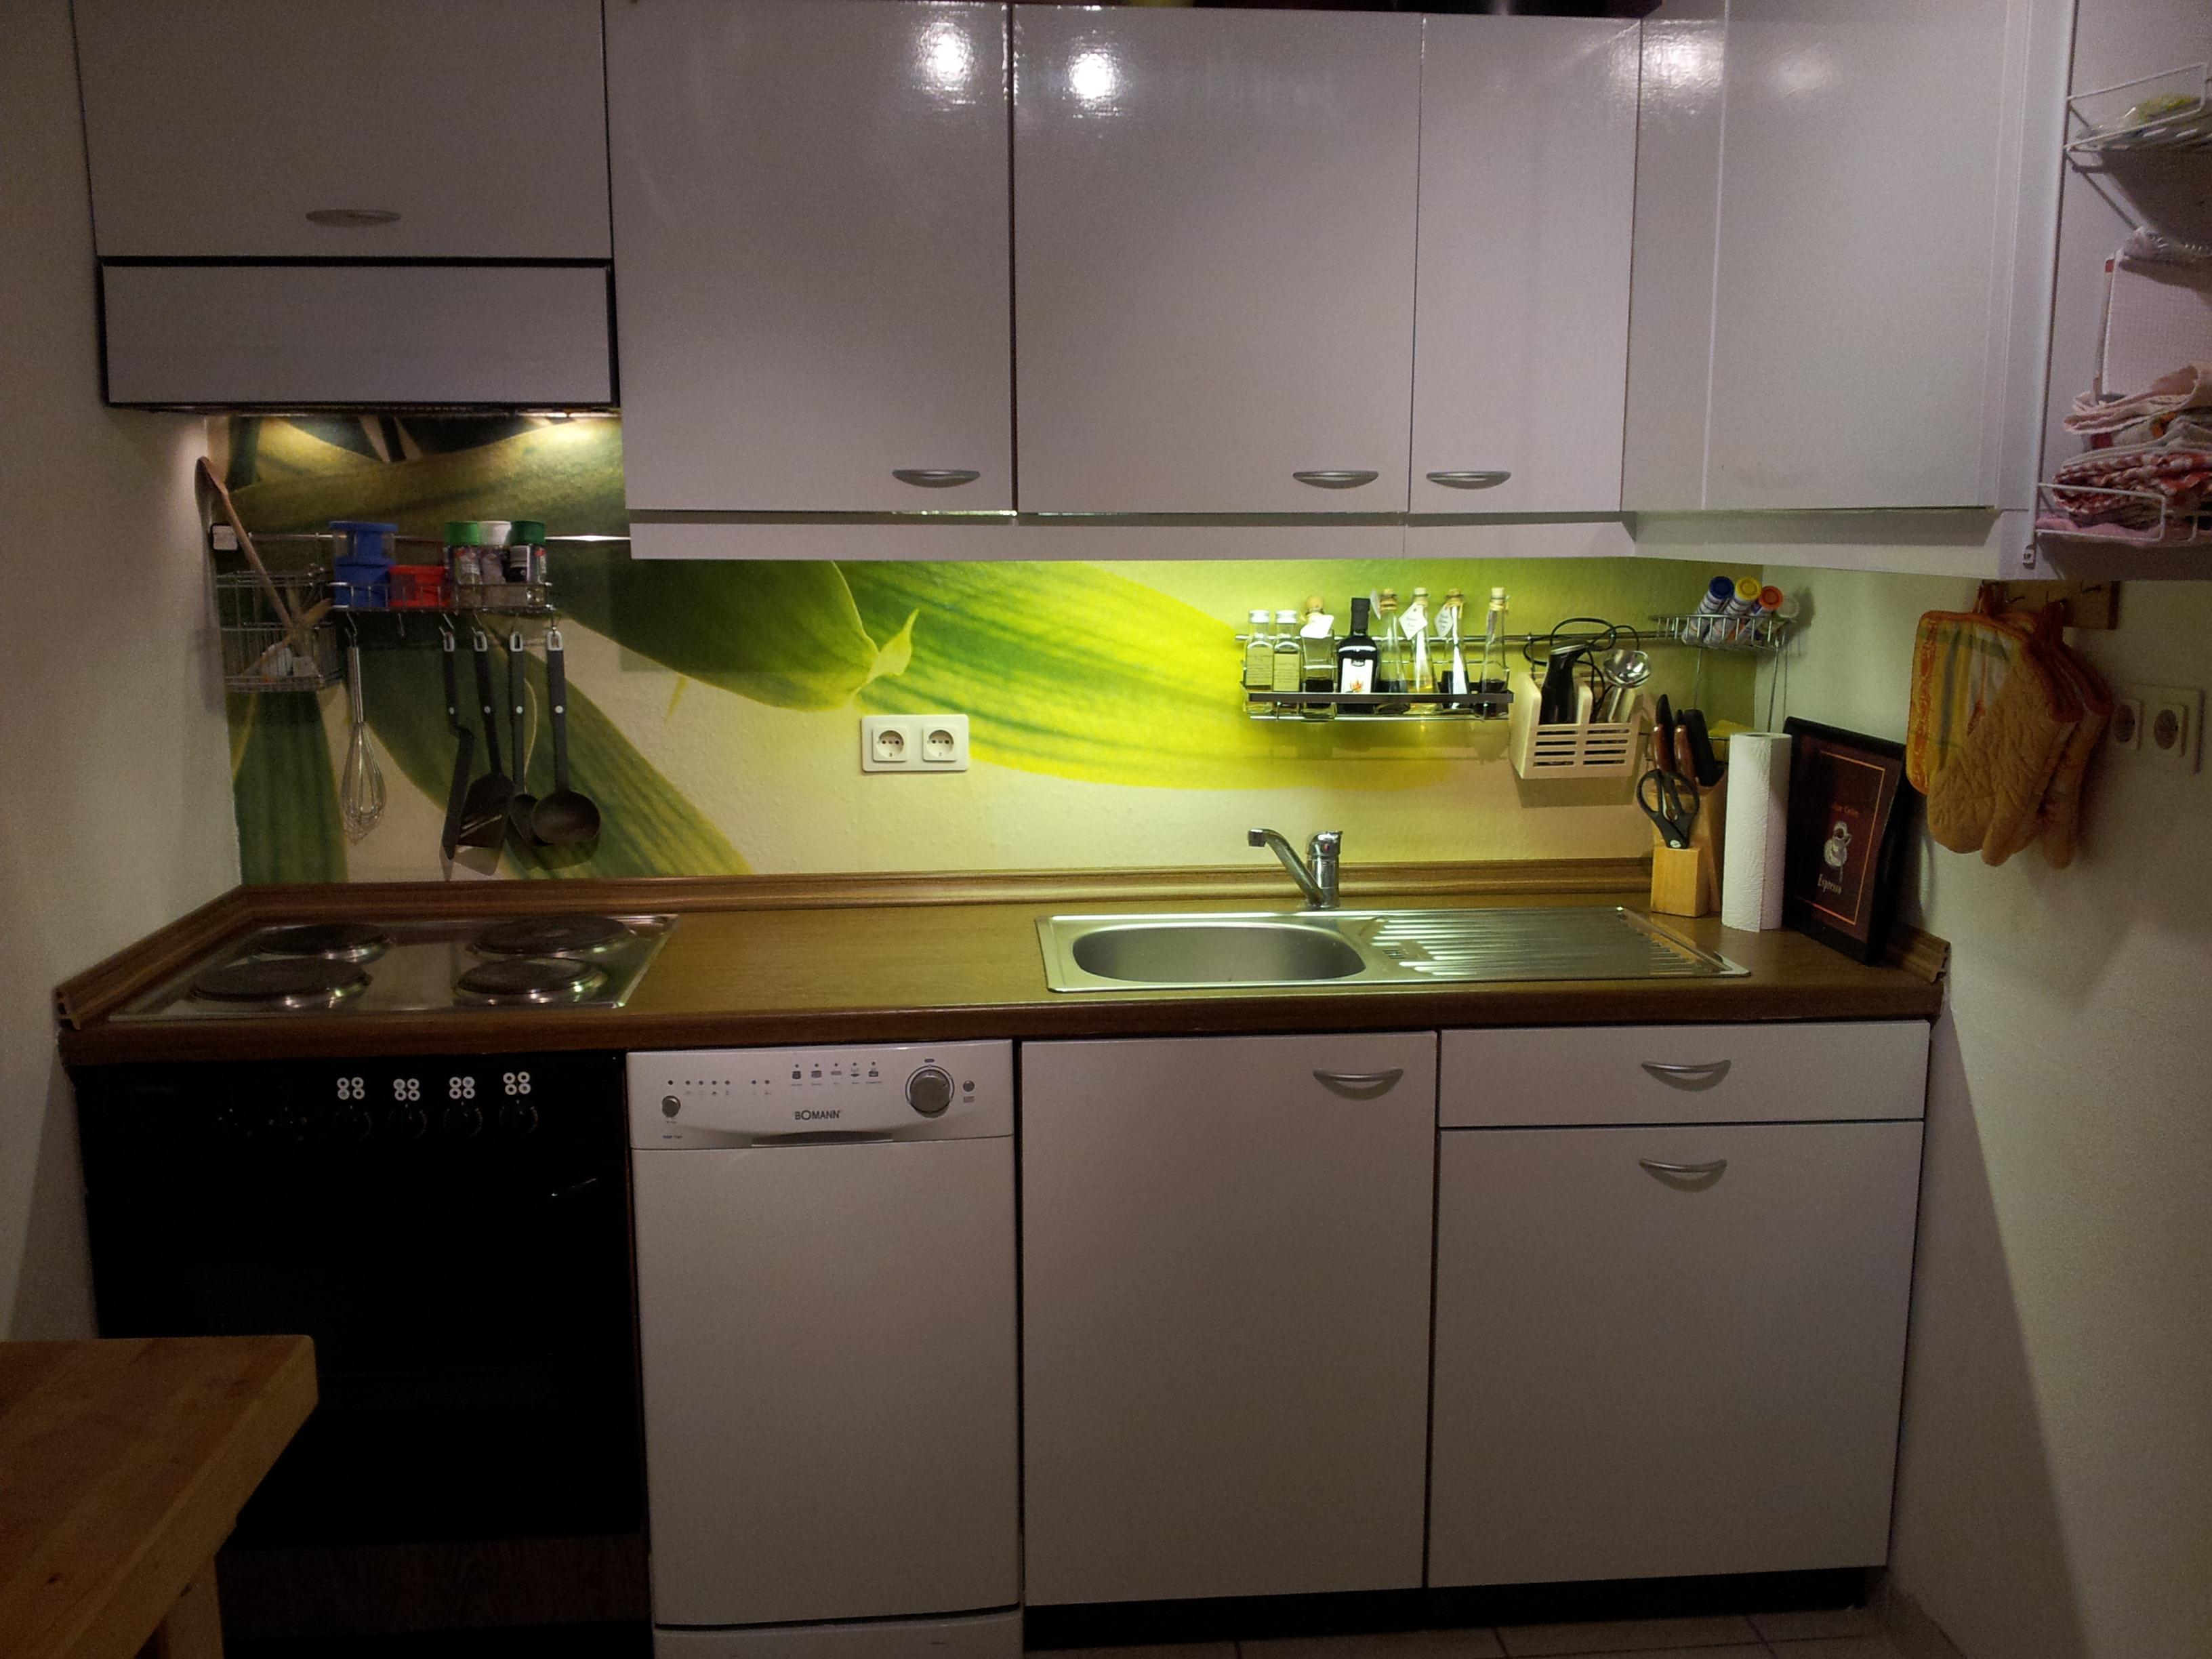 fliesen k che bekleben alternative zum fliesenspiegel in der k che sch n 25. Black Bedroom Furniture Sets. Home Design Ideas